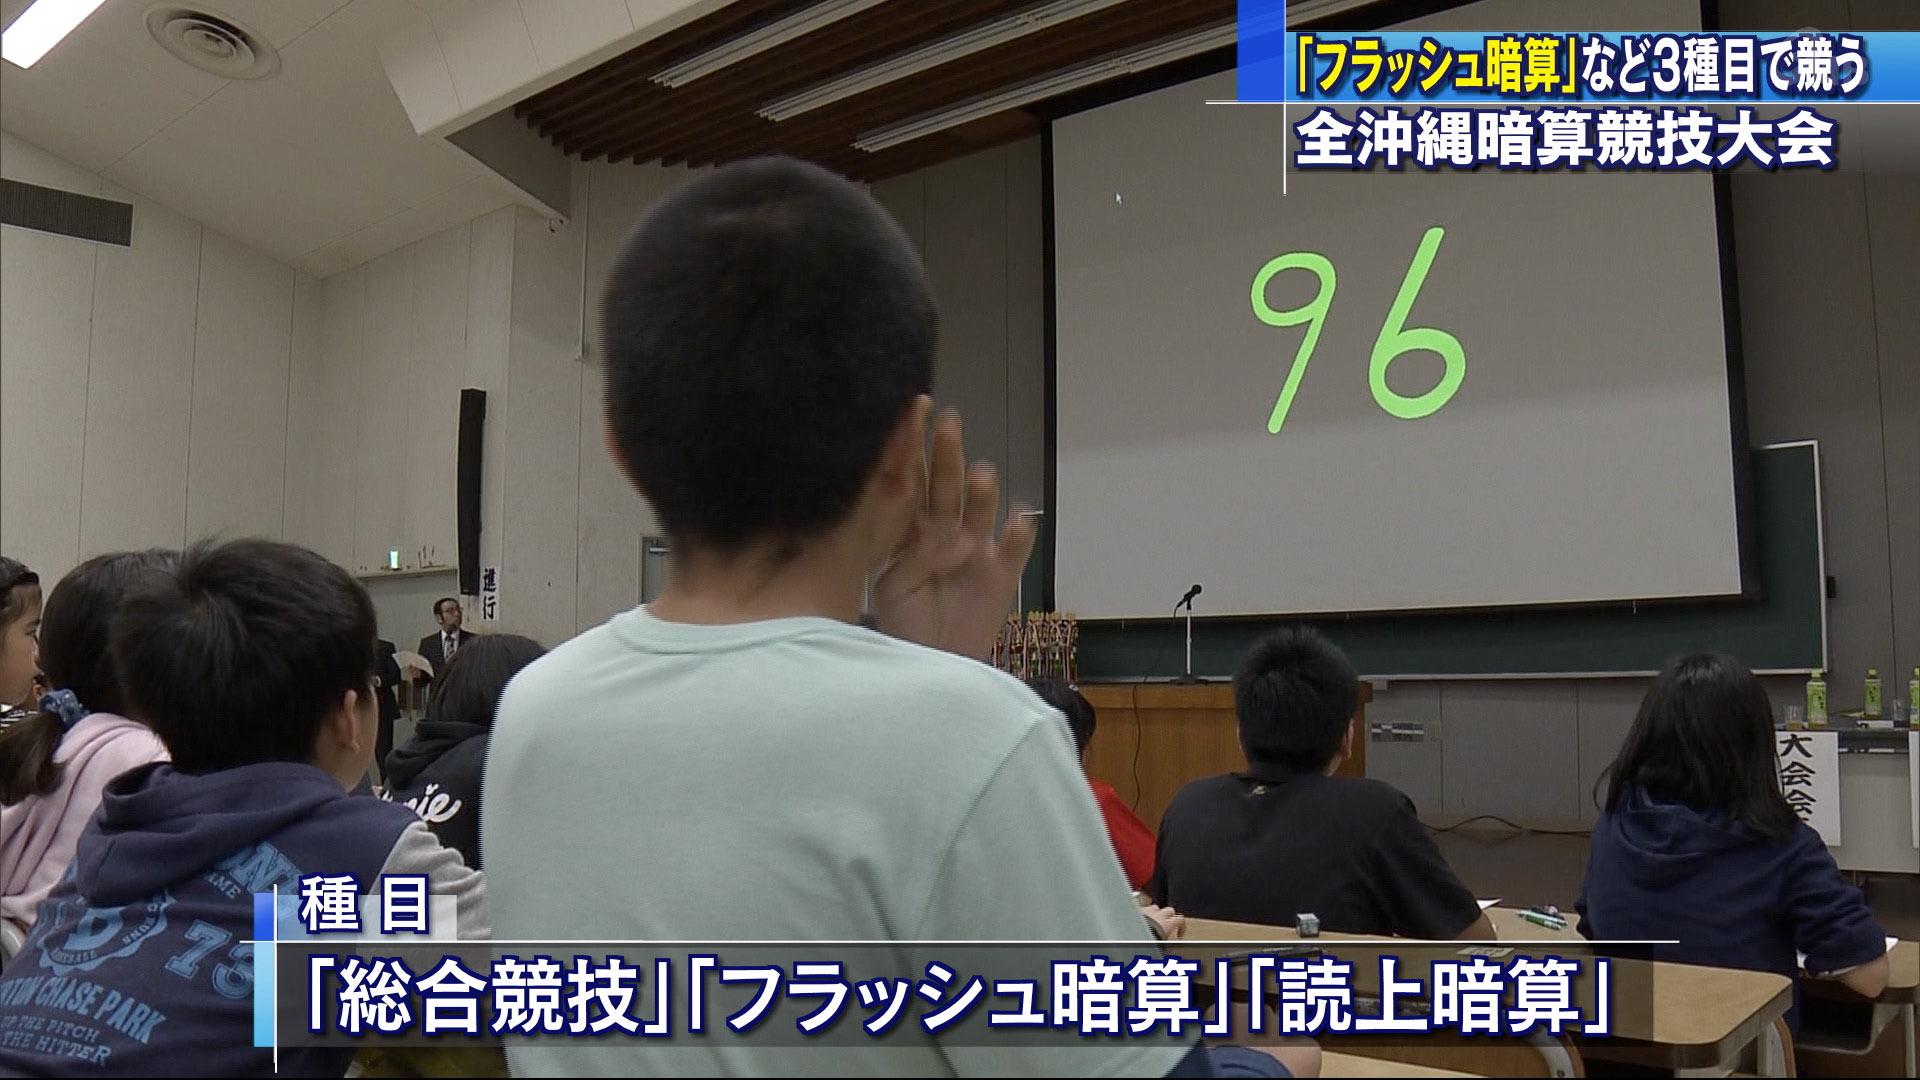 第18回全沖縄暗算競技大会